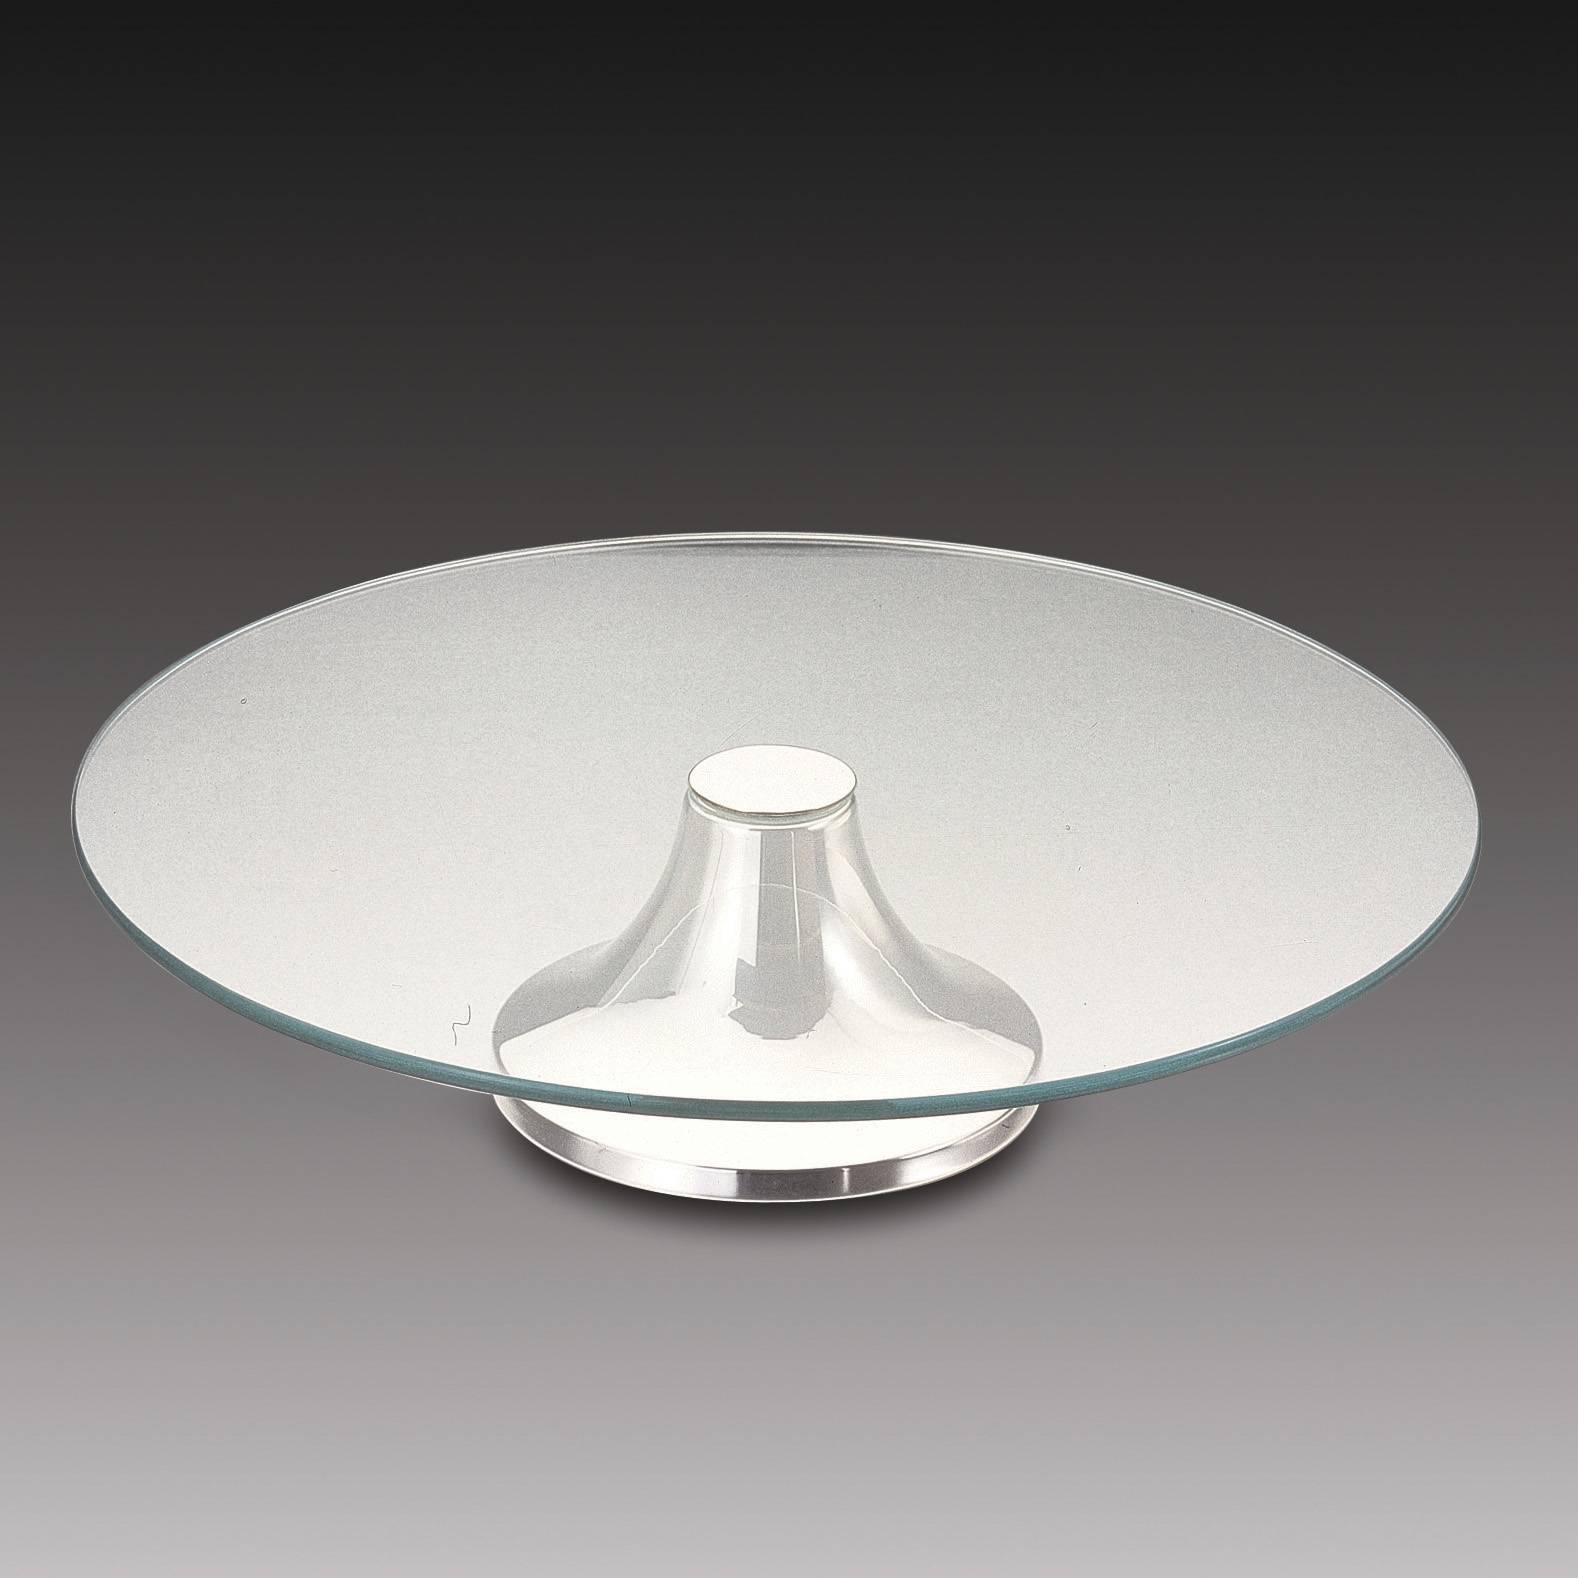 Prato para Bolo Luane Pedestal Redondo em Prata - 40 cm